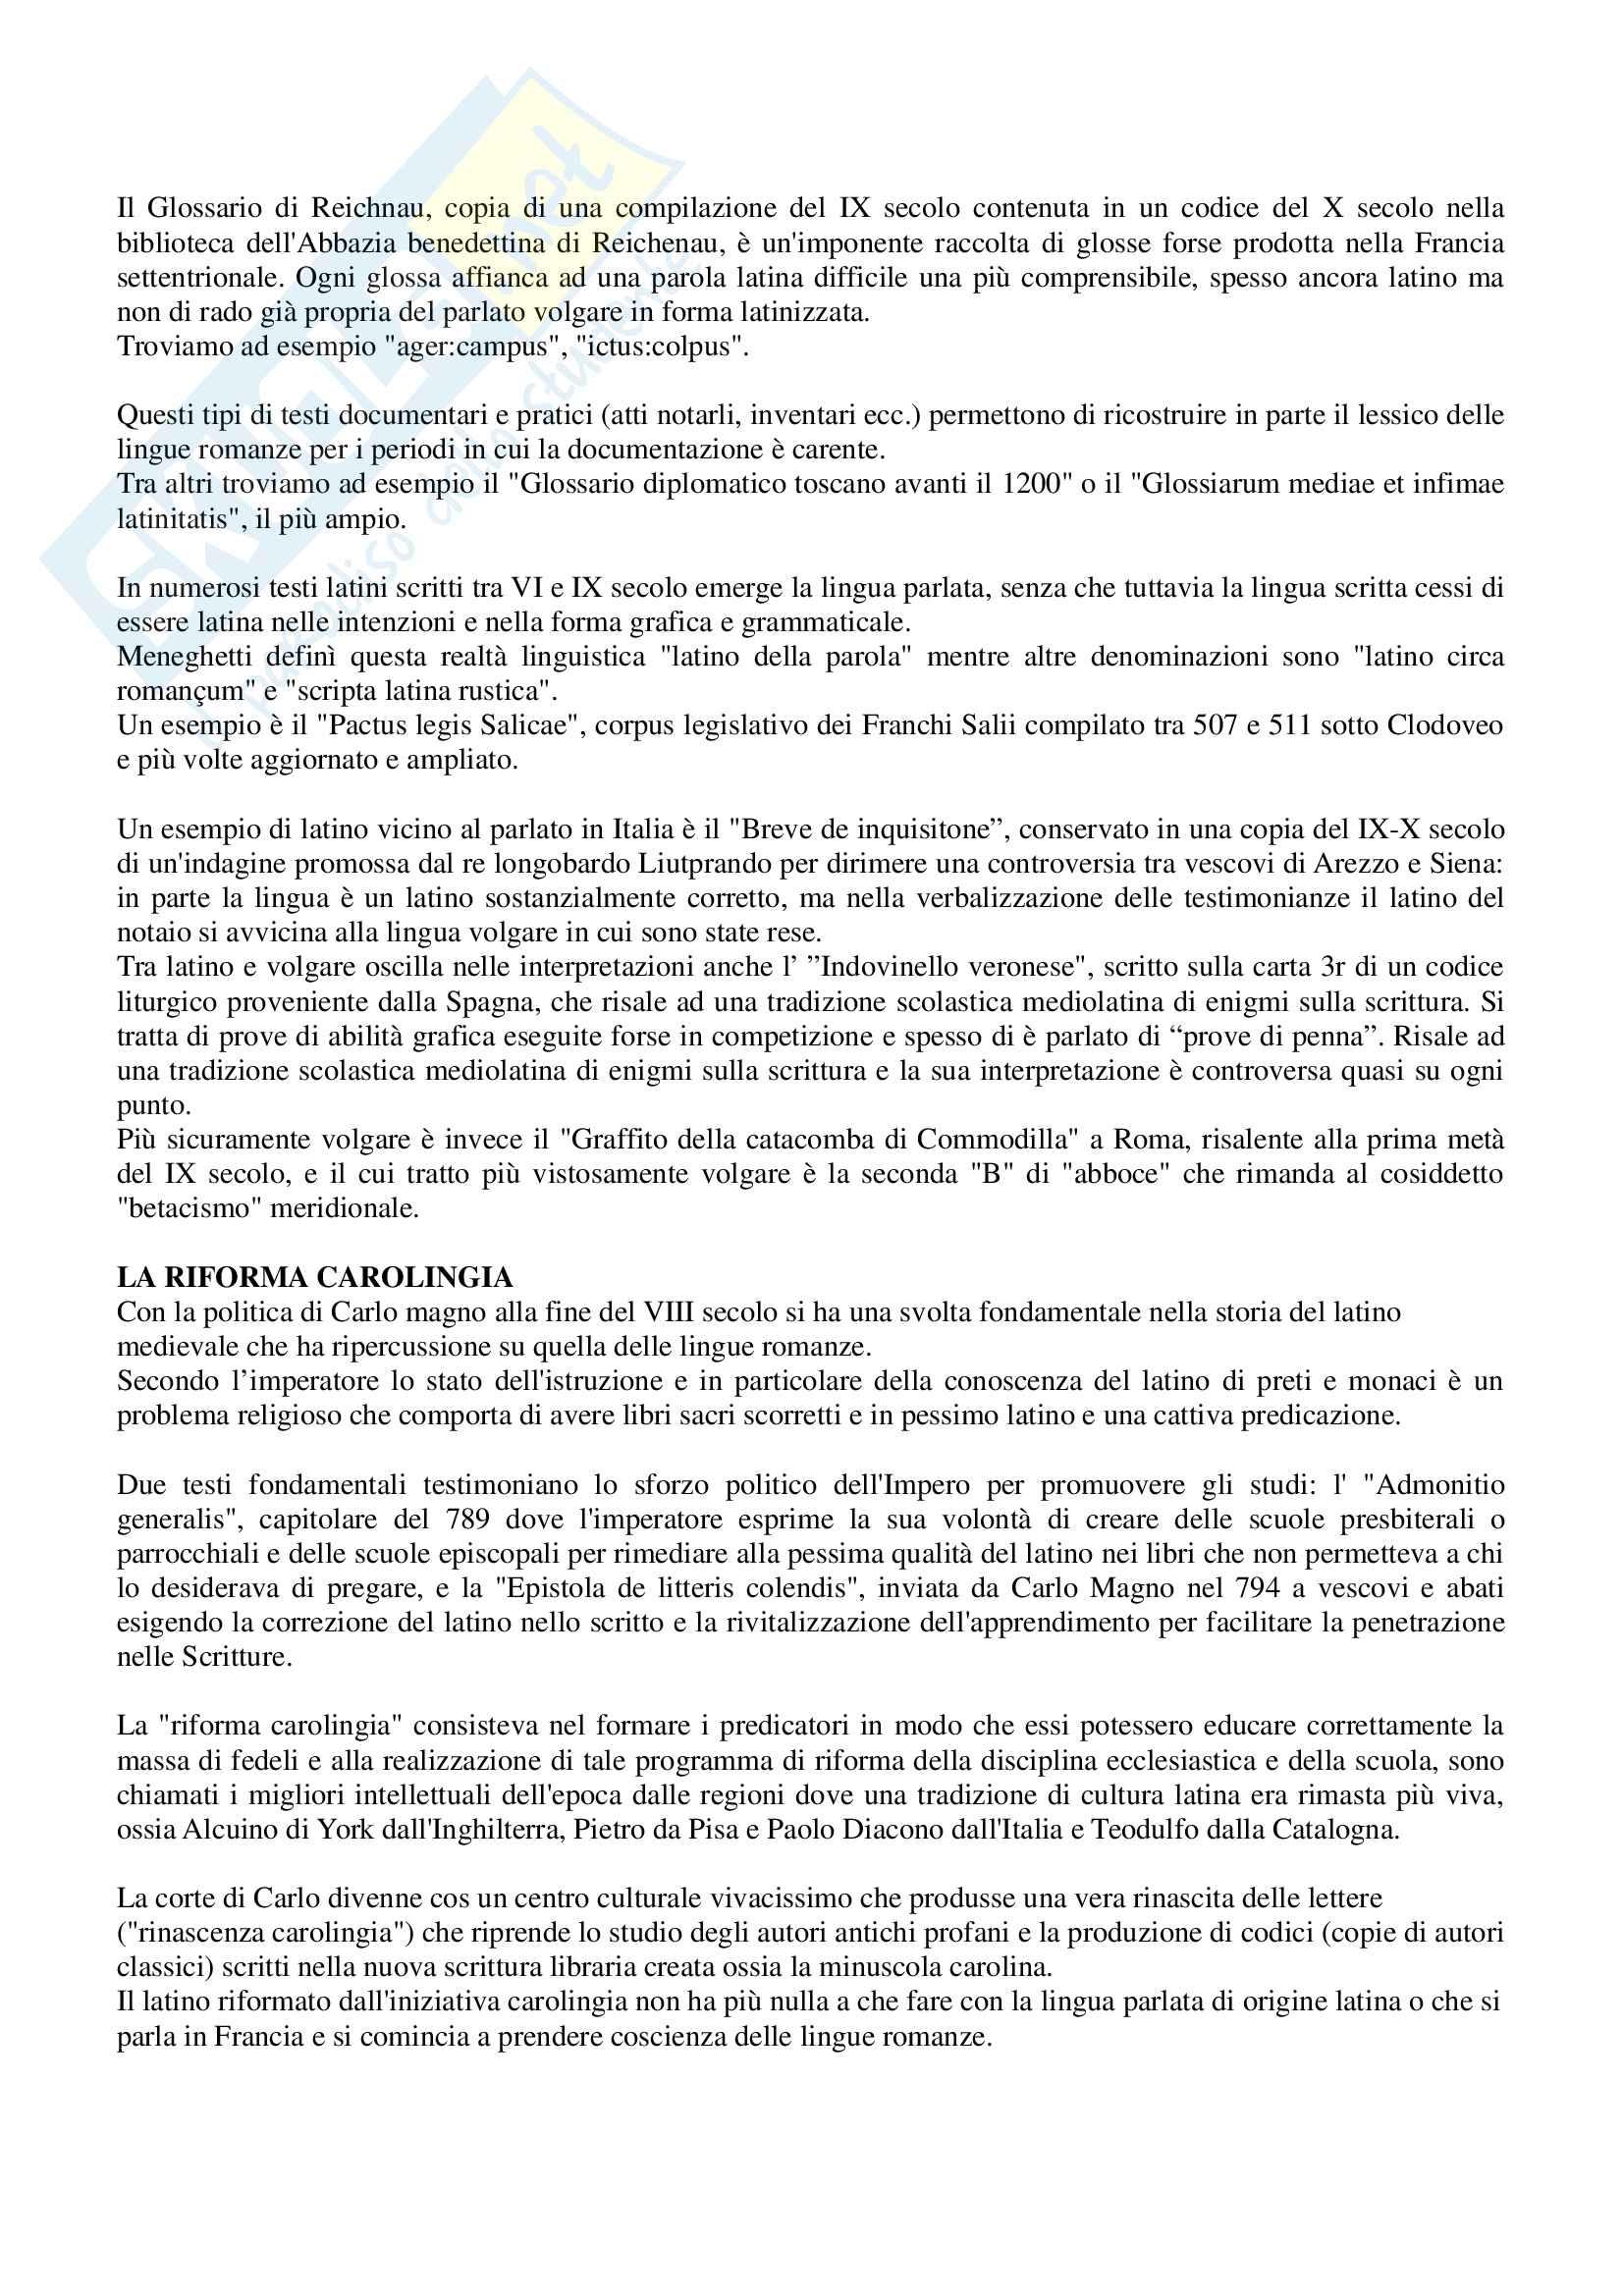 Riassunto per esame Filologia romanza, prof Paradisi, libro consigliato: La filologia romanza, Beltrami, 2017 Pag. 16